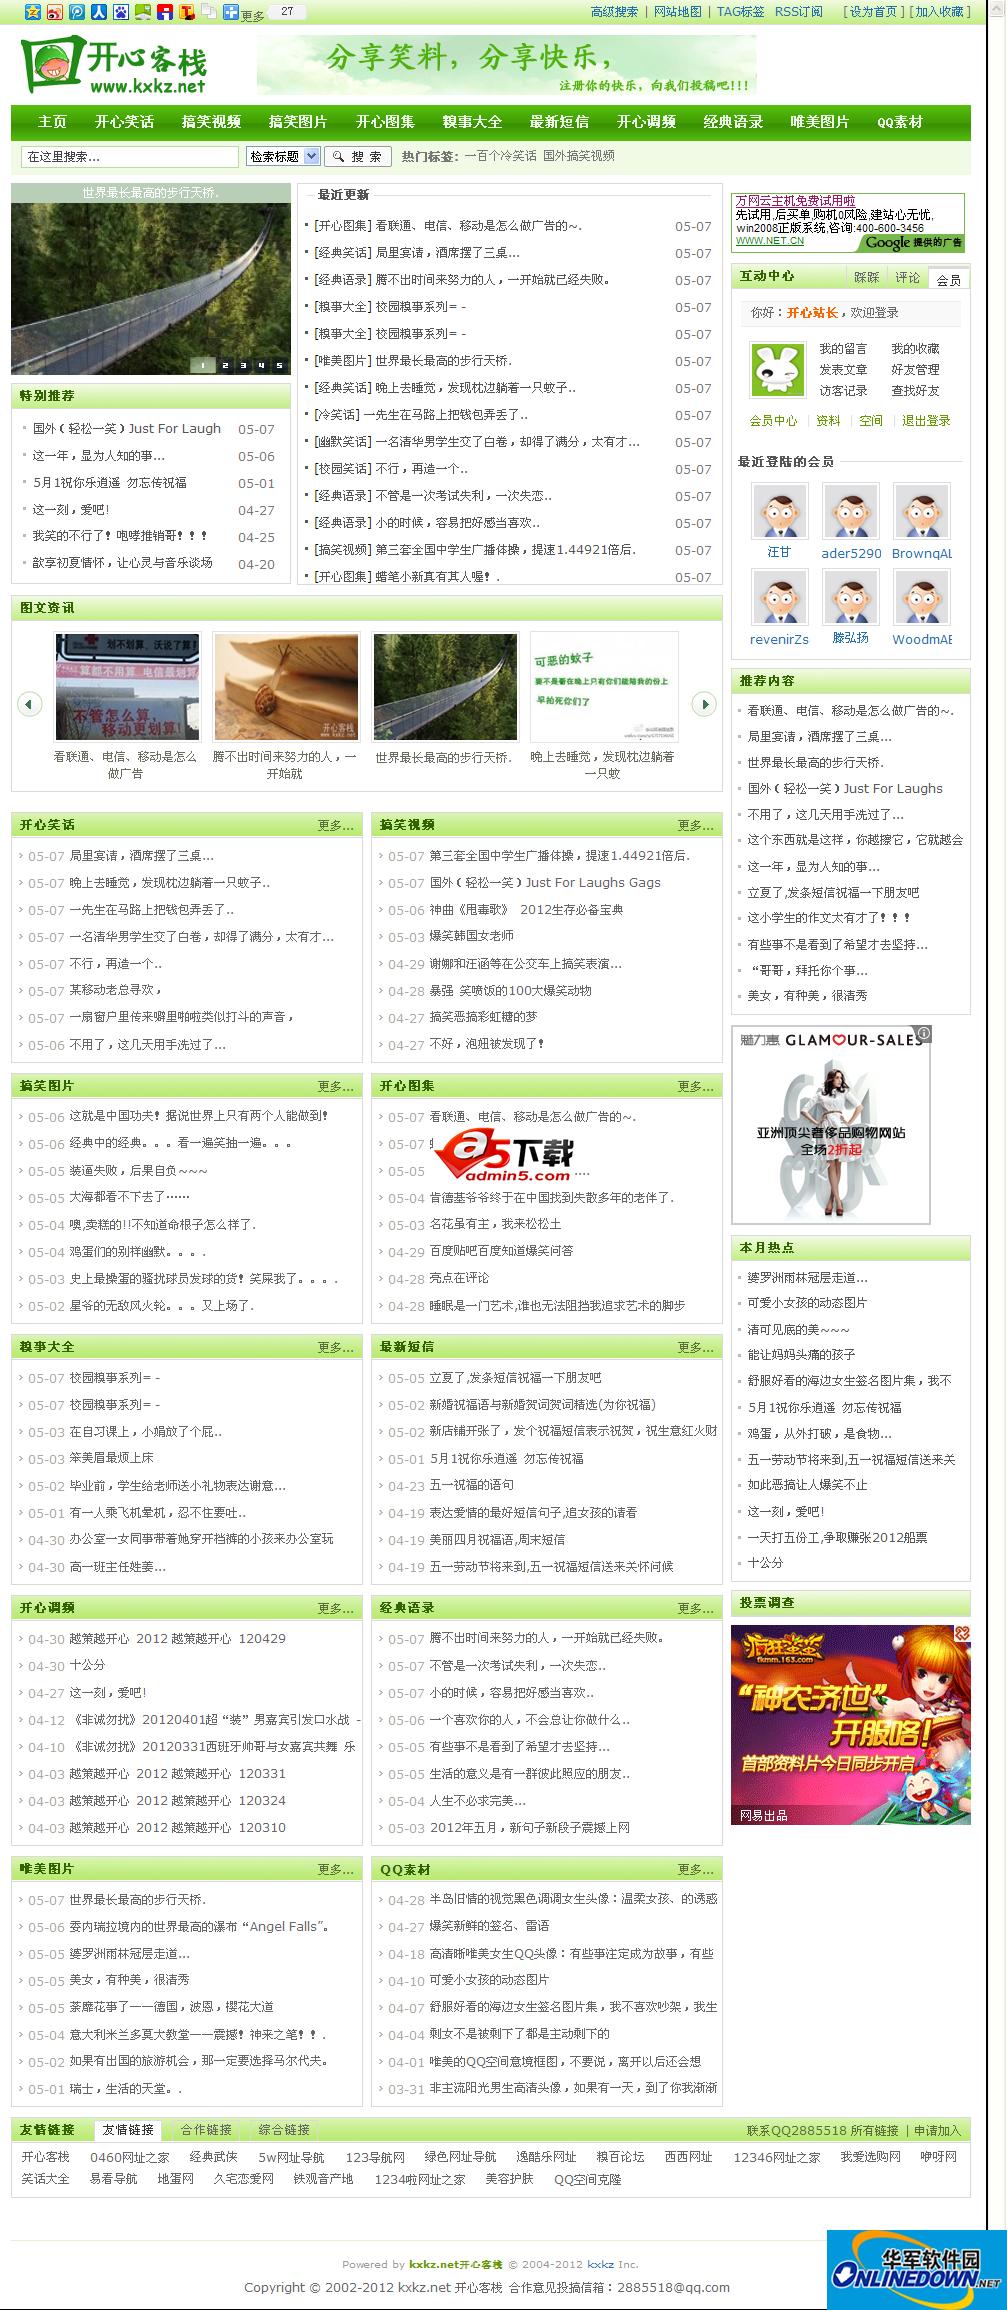 开心客栈笑话网站源码织梦5.7sp1内核 PC版